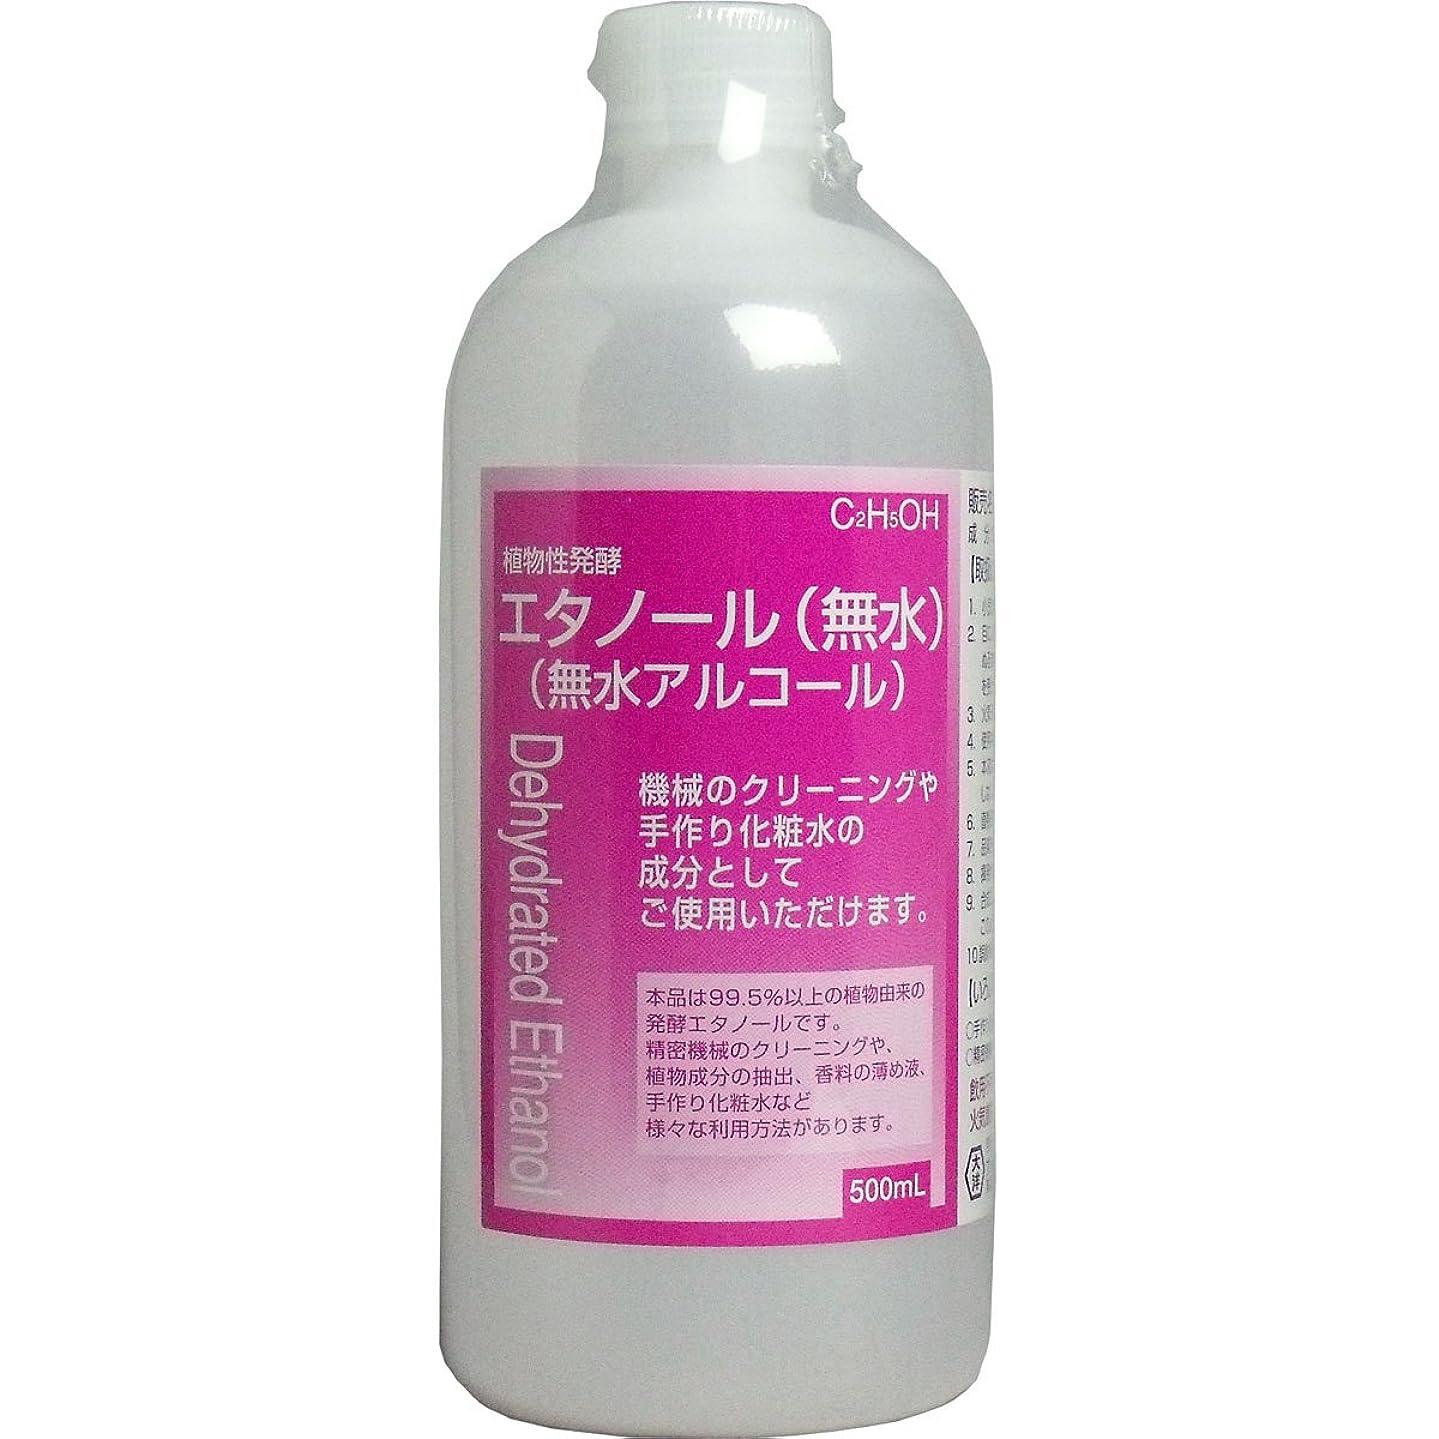 サービスユニークな順応性のある手作り化粧水に 植物性発酵エタノール(無水エタノール) 500mL